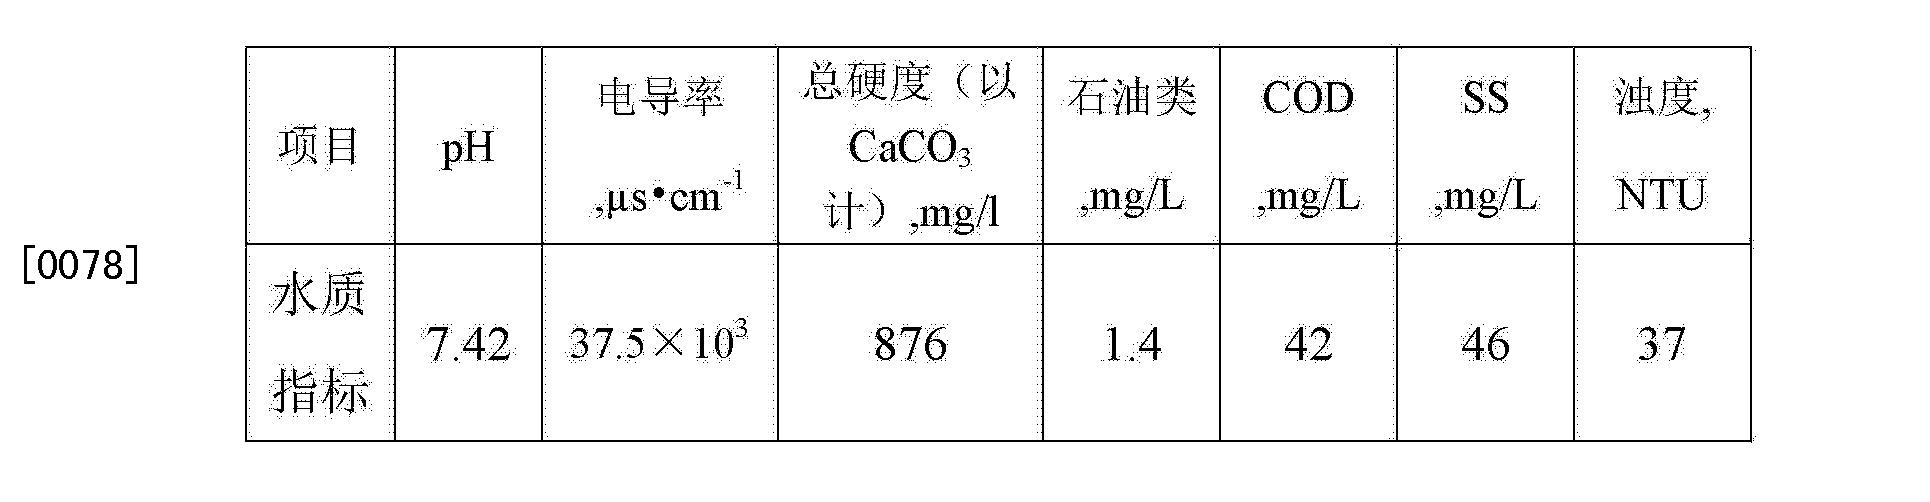 Figure CN103803752BD00092